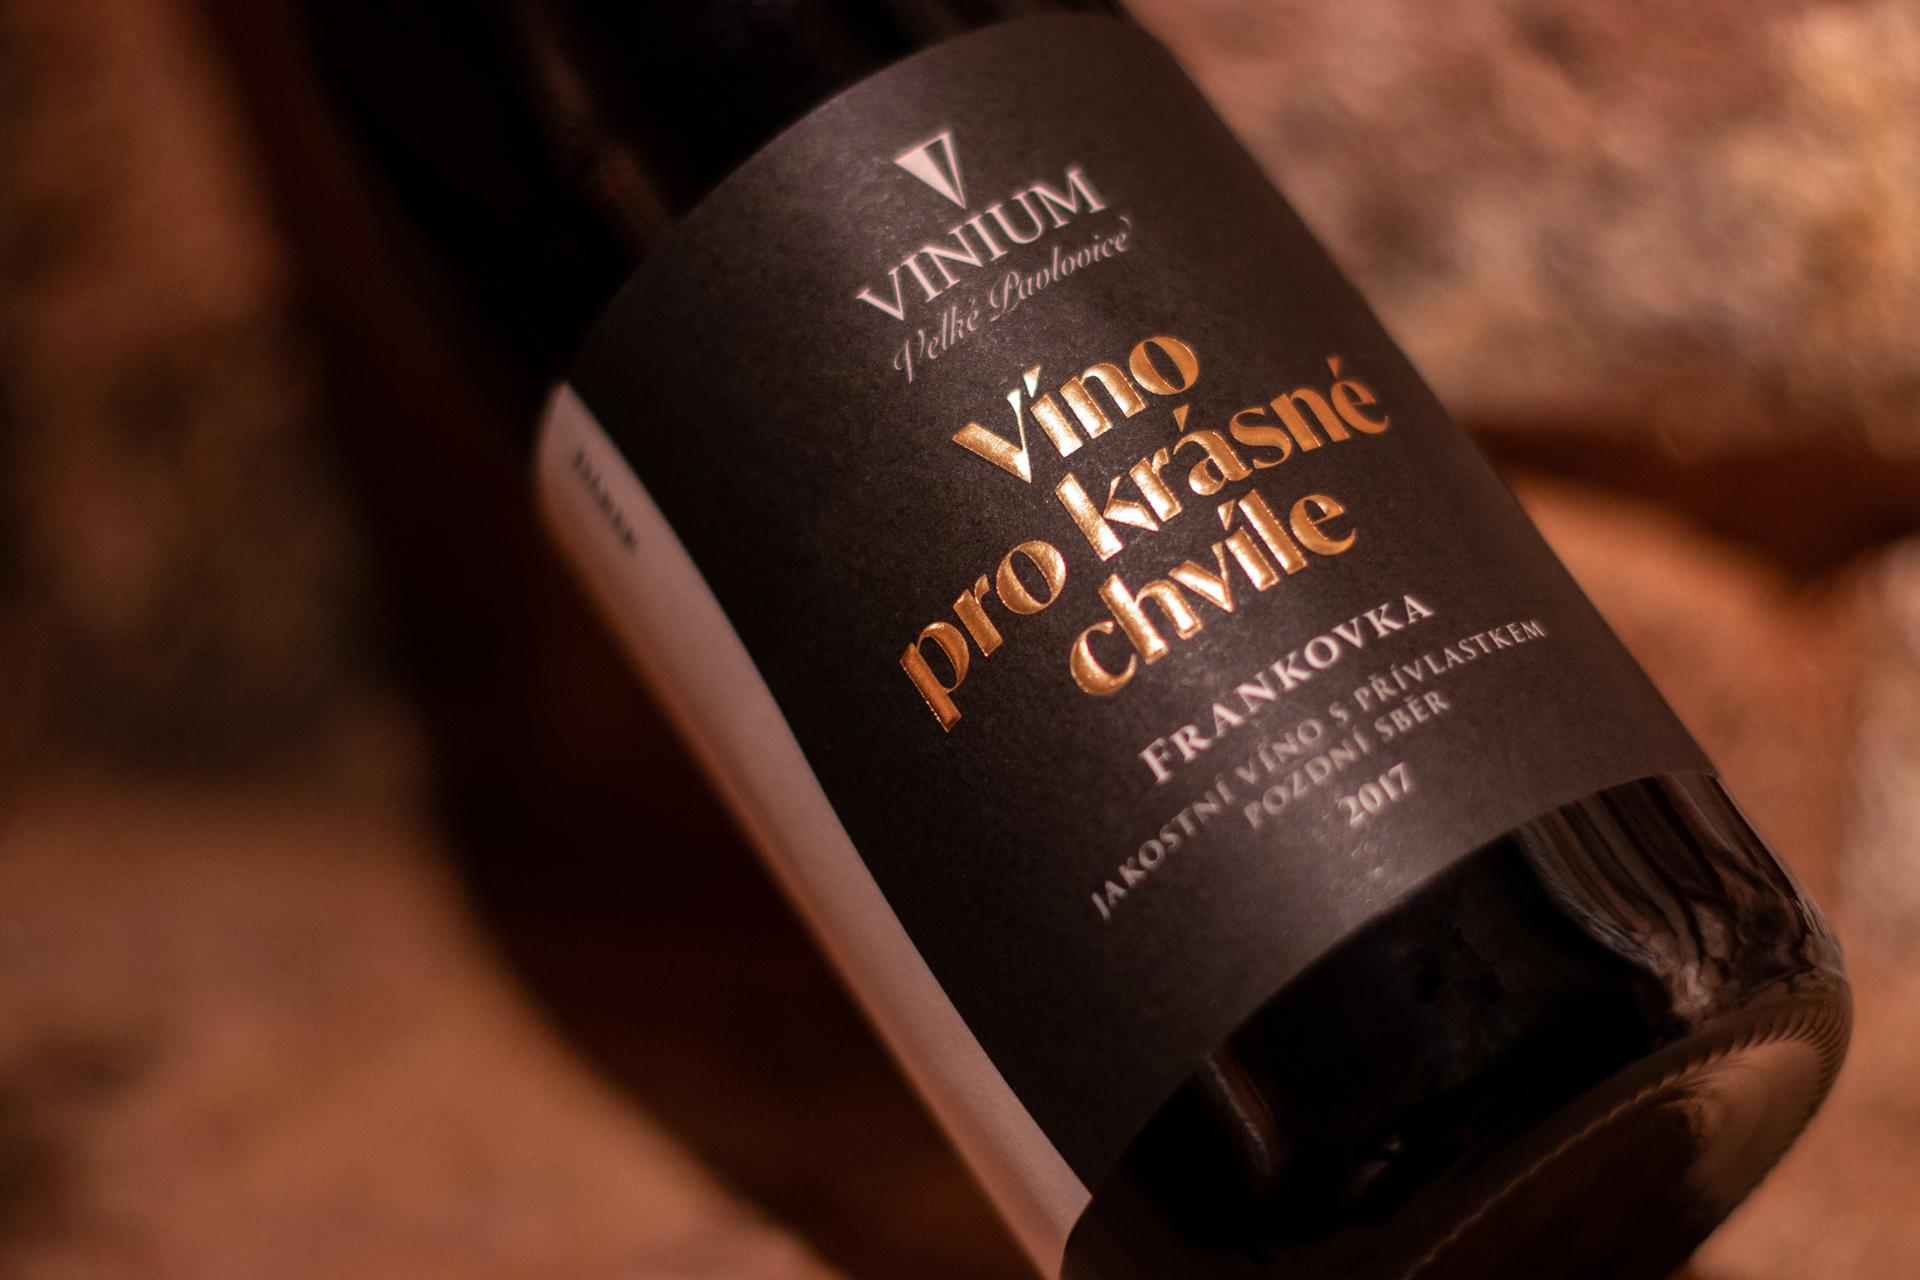 Foto 1, víno pro krásné chvíle 1, frankovka, červené víno